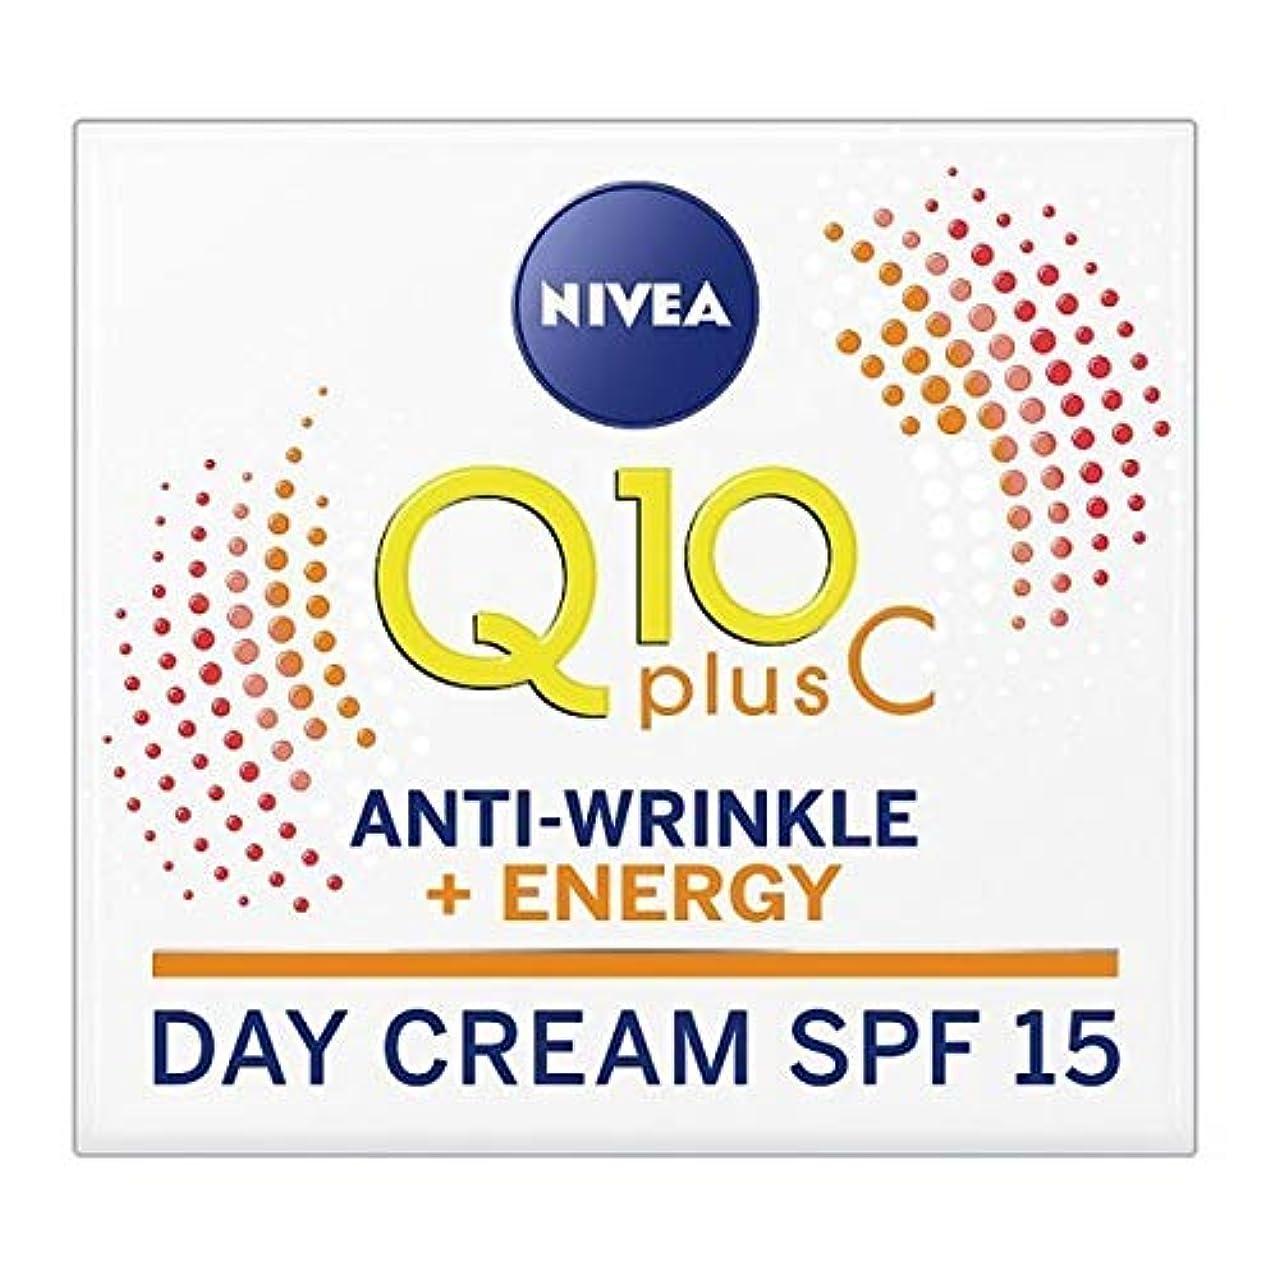 農村追い越すフレキシブル[Nivea ] ニベアのQ10、ビタミンC抗シワエネルギーフェイスクリームSpf 15 - NIVEA Q10 Vitamin C Anti-Wrinkle Energy Face Cream SPF 15 [並行輸入品]